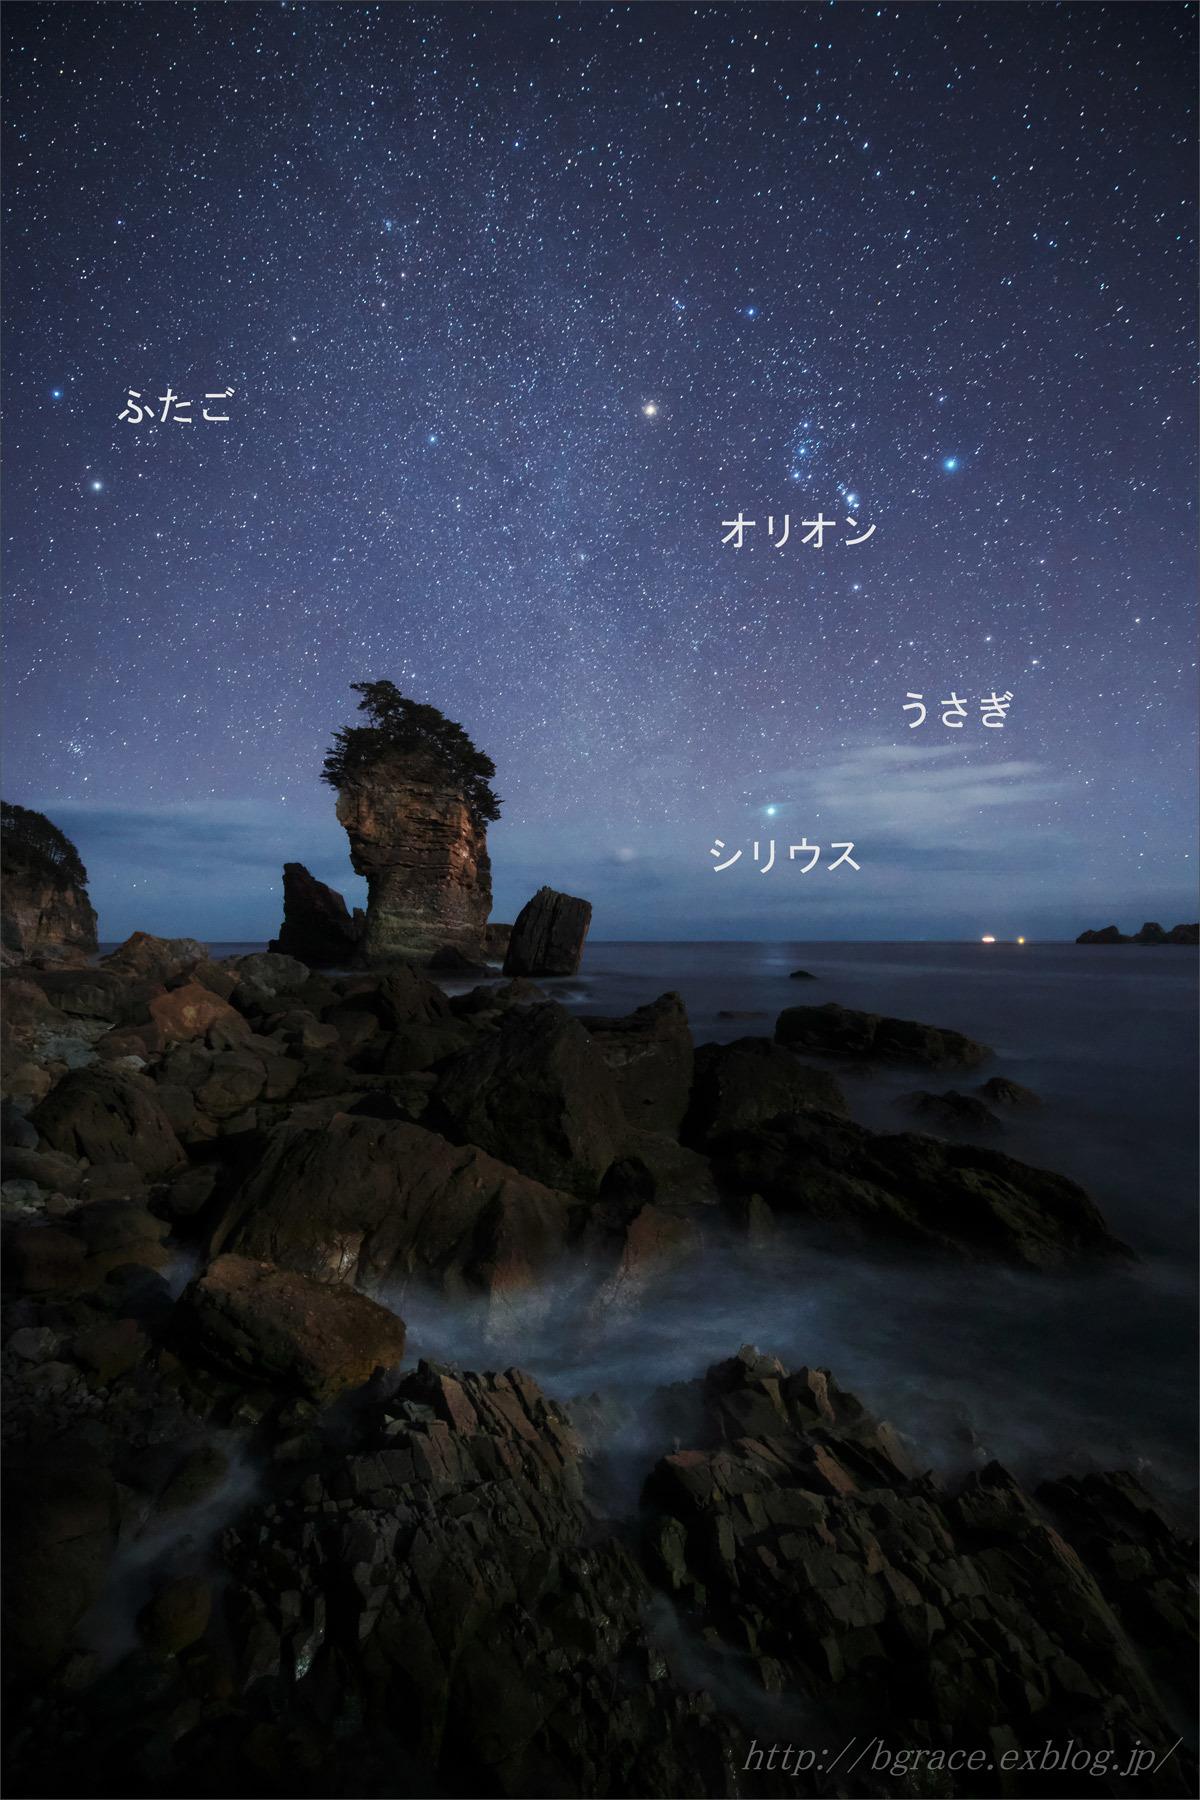 天文ガイド4月号 2021 TOPページ入選_b0191074_19533128.jpg